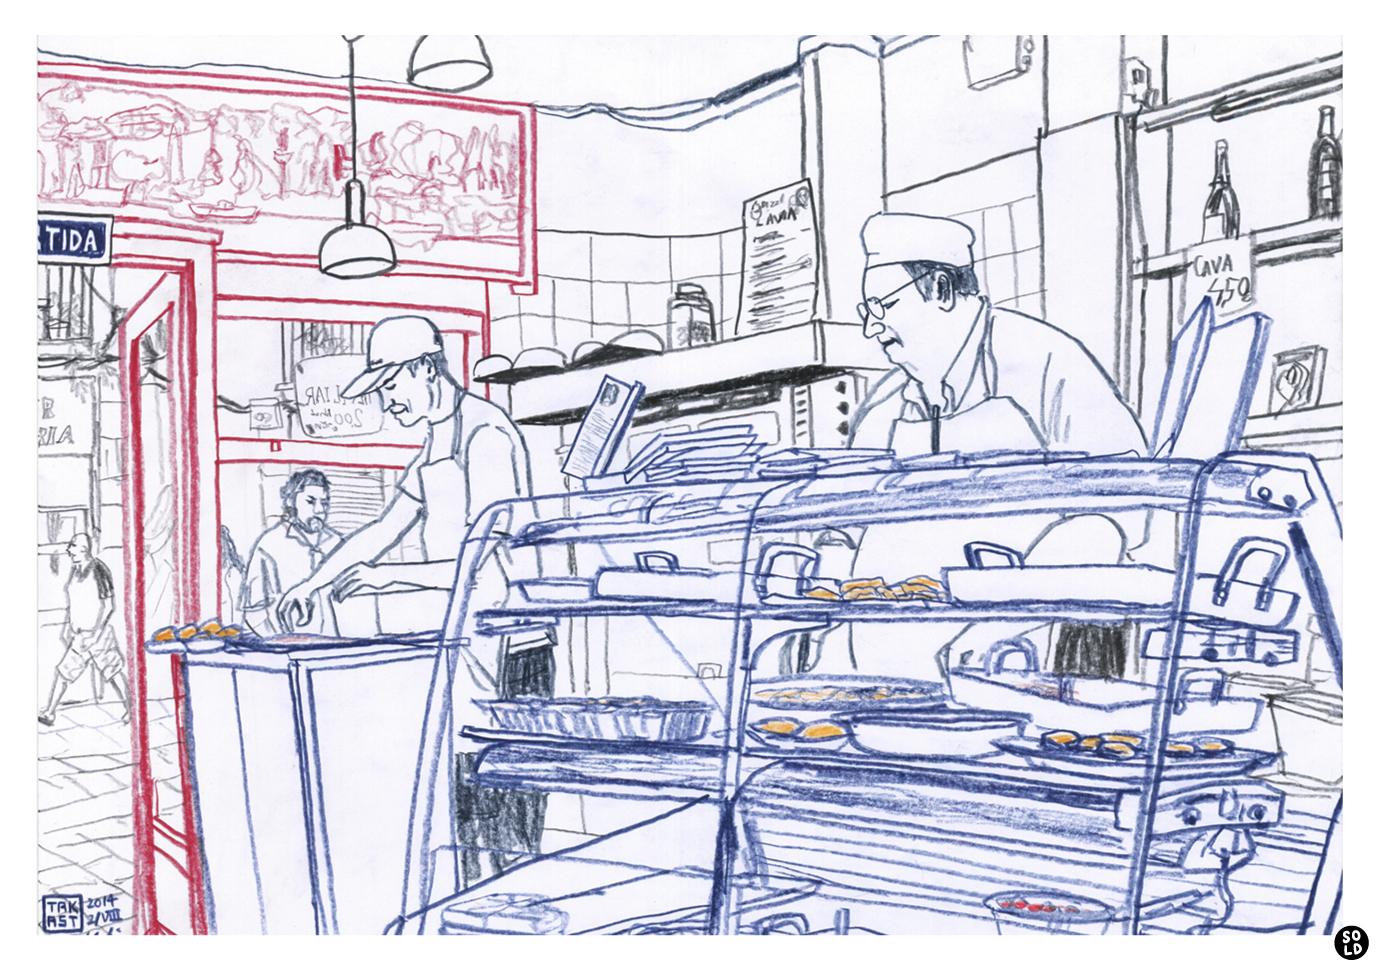 Mario y Gabi de Restaurante catalán uruguayo L'Àvia en el Raval de Barcelona